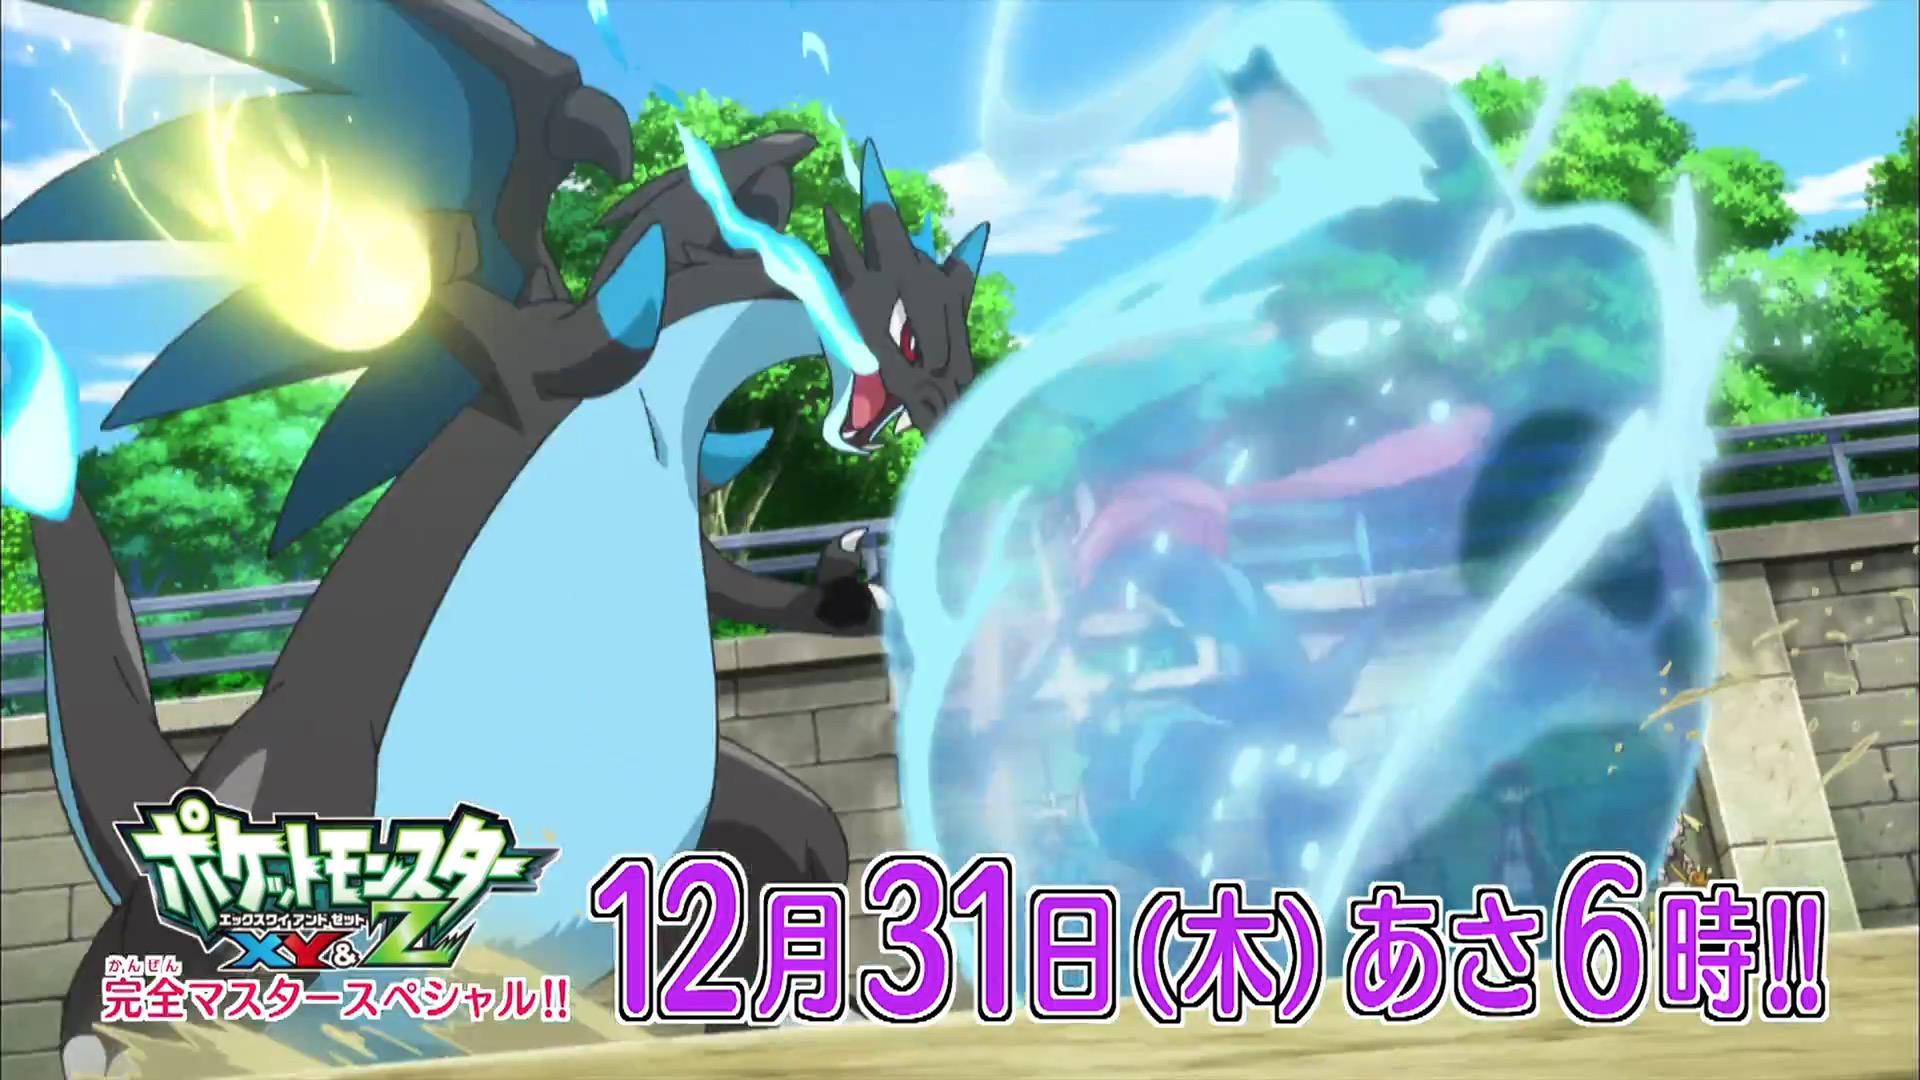 Mega Charizard X Vs Greninja Pokemon Know Your Meme